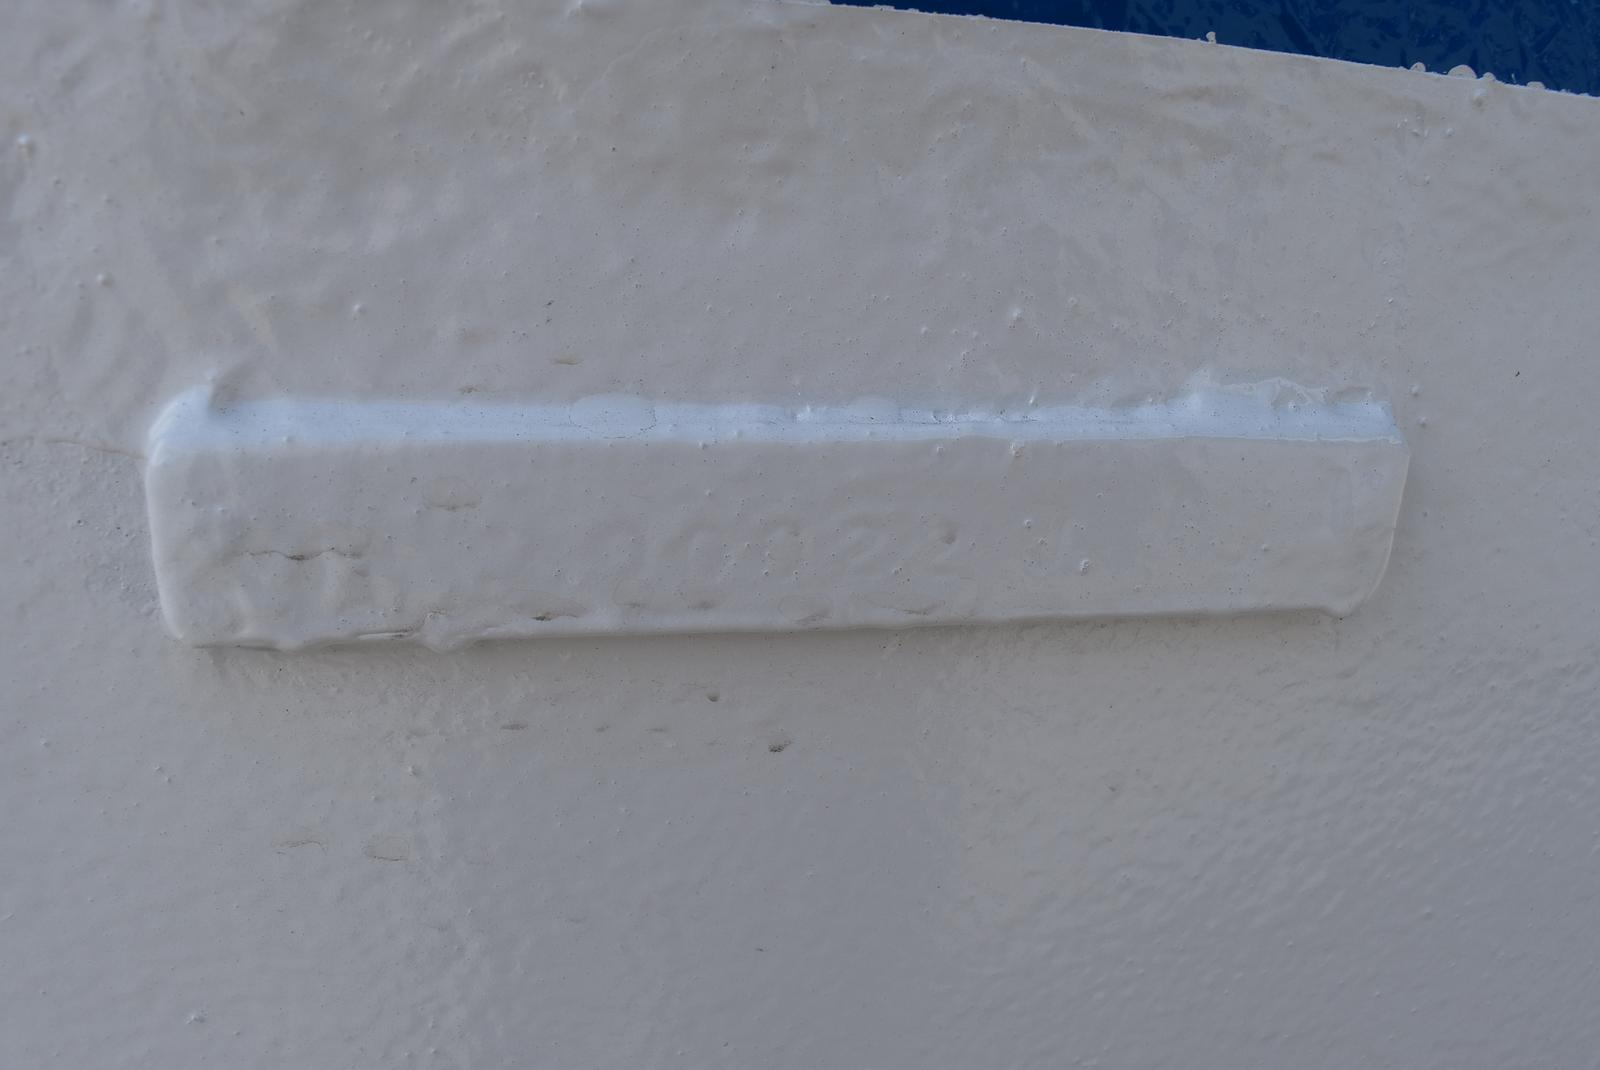 1998 Terrebonne boat for sale, model of the boat is Terrebonne Skiff 22 & Image # 13 of 14